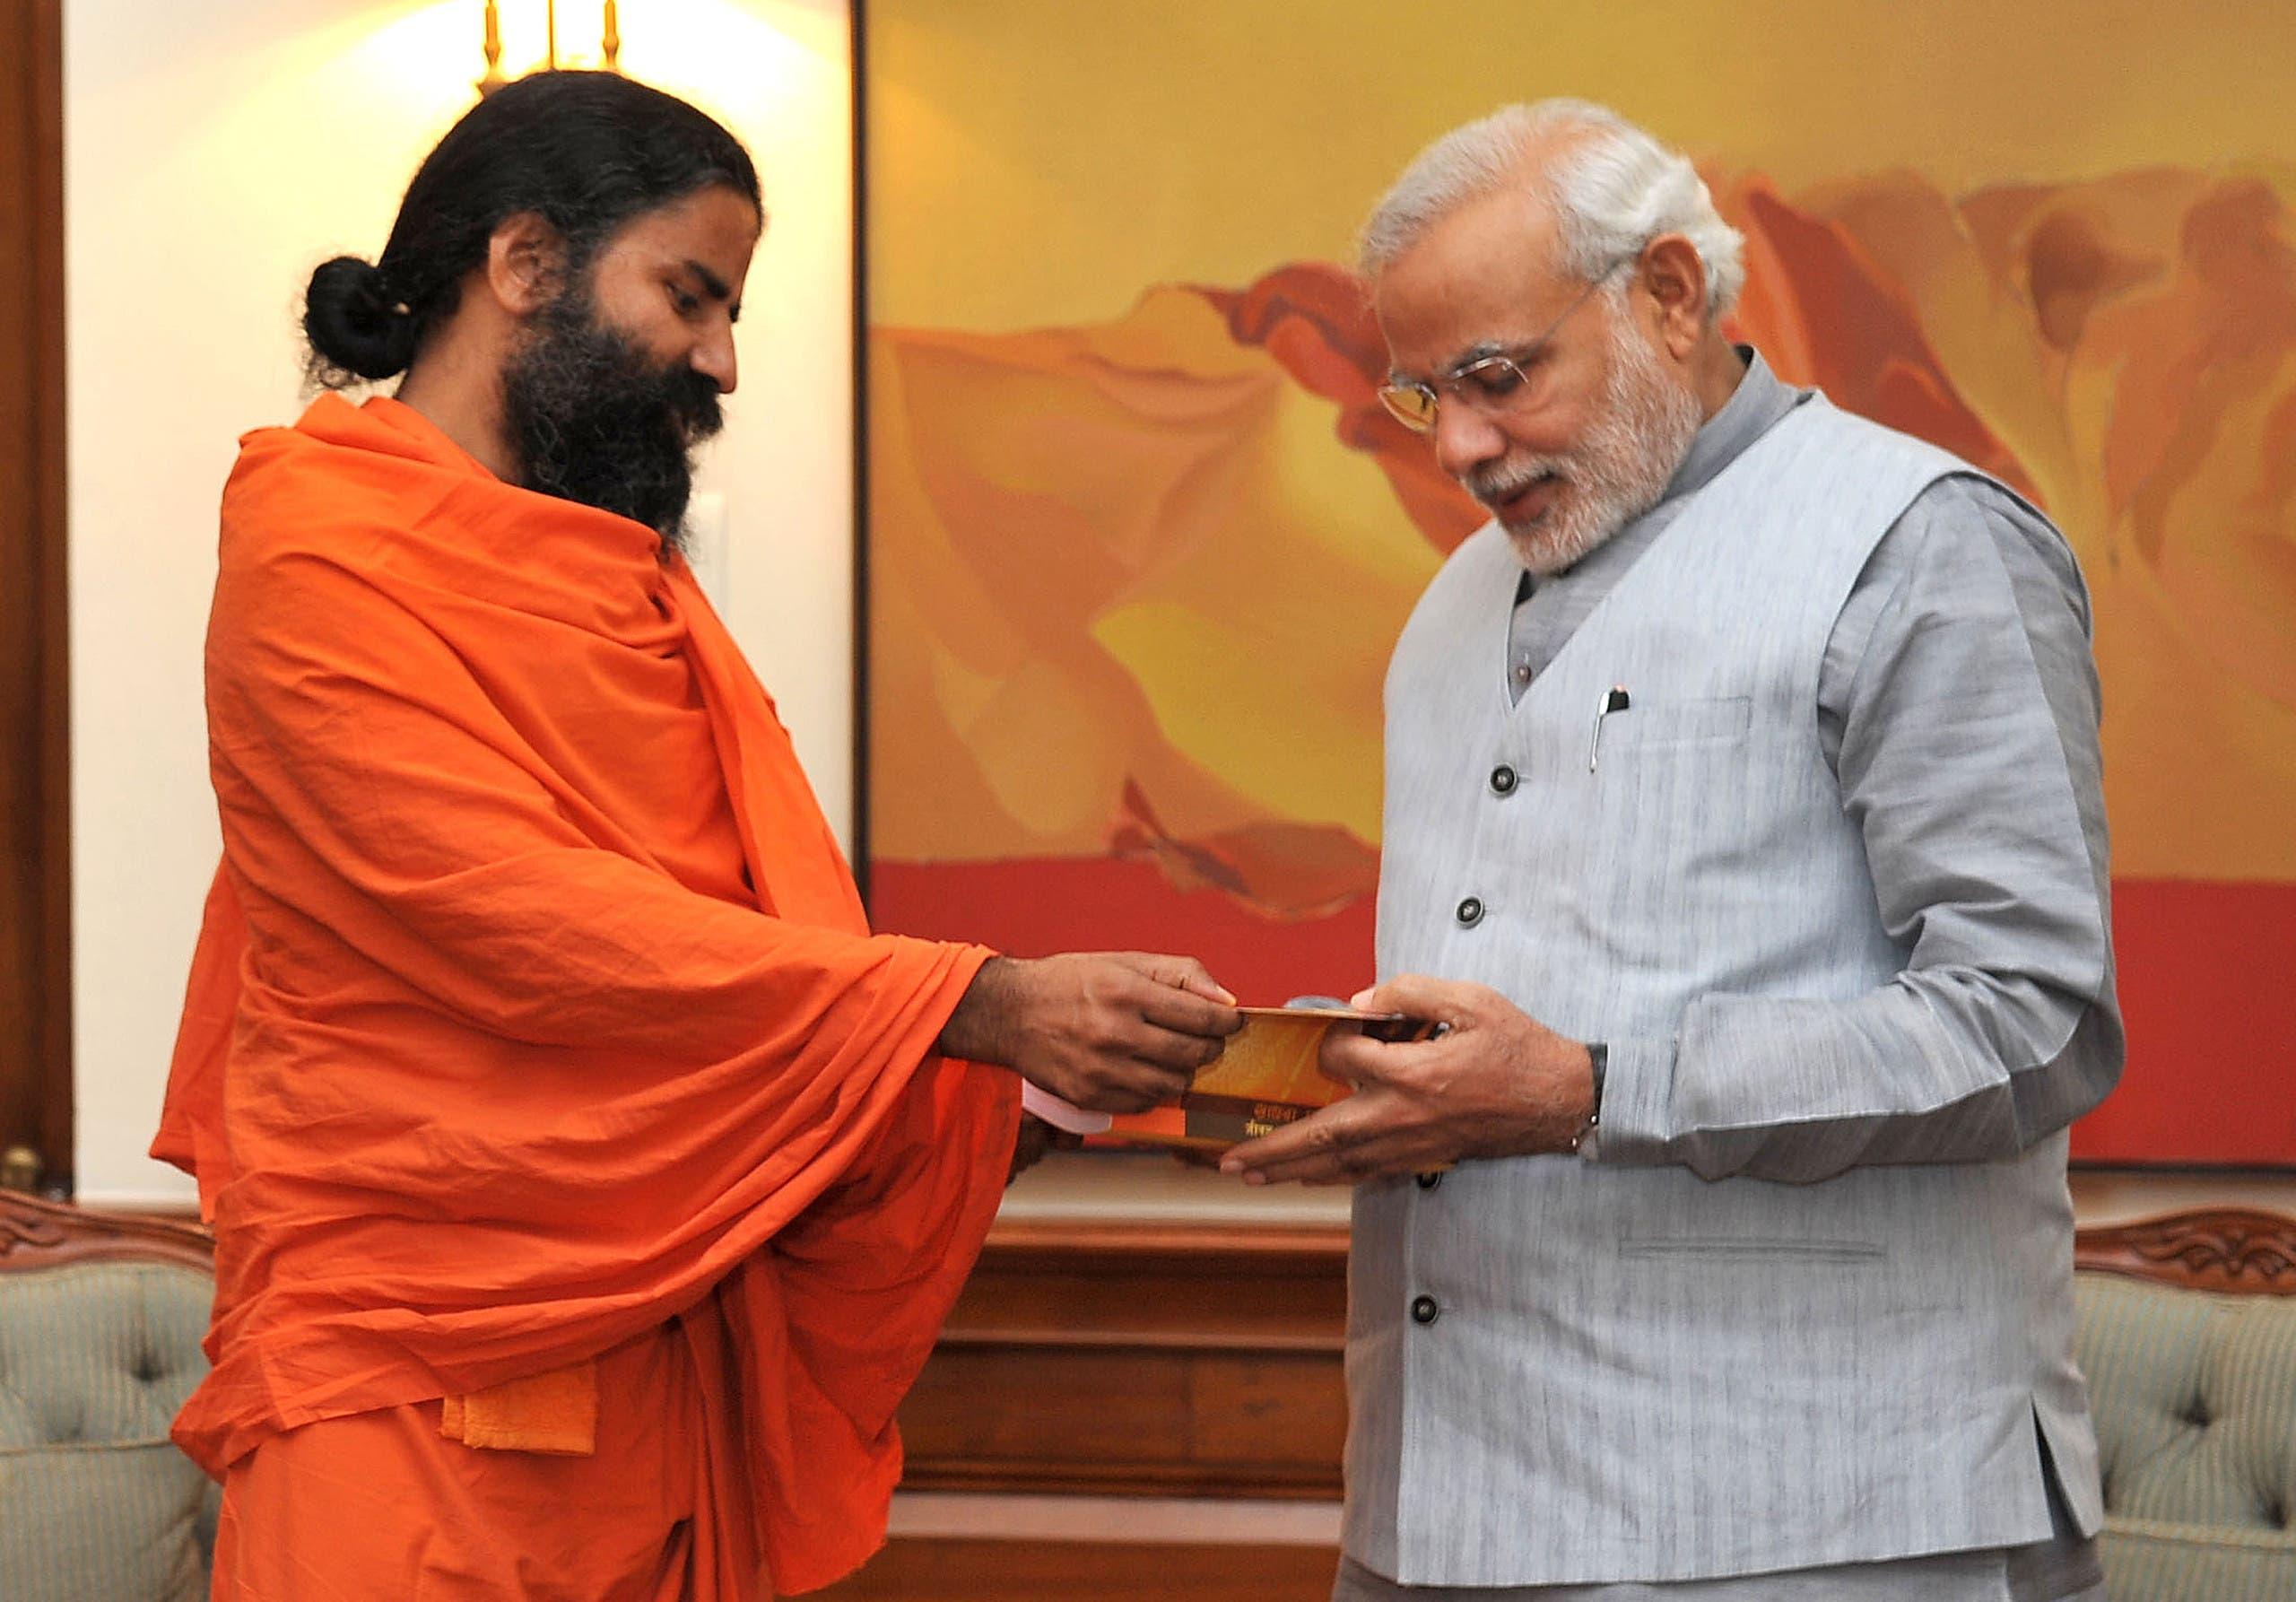 Yoga guru Baba Ramdev (L) calls on Indian Prime Minister Narendra Modi in New Delhi on November 4, 2014. (AFP)